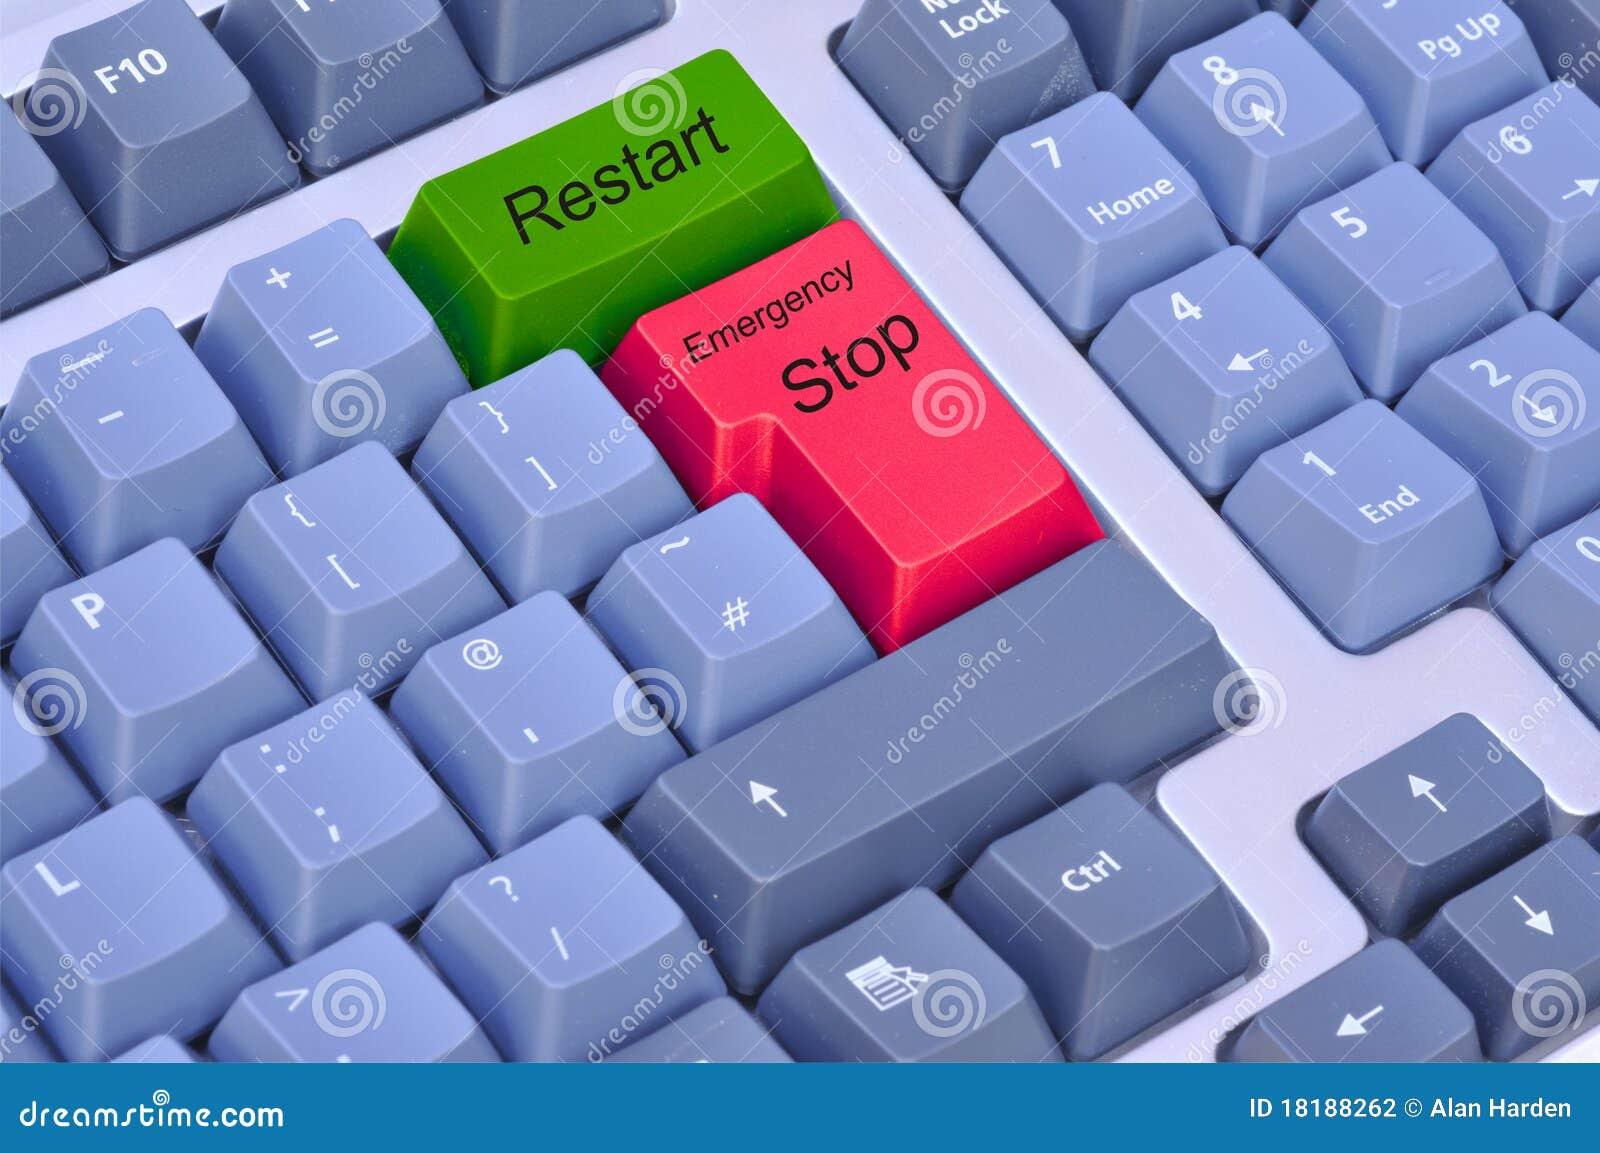 Het einde & het nieuwe begin van de noodsituatie op een computertoetsenbord